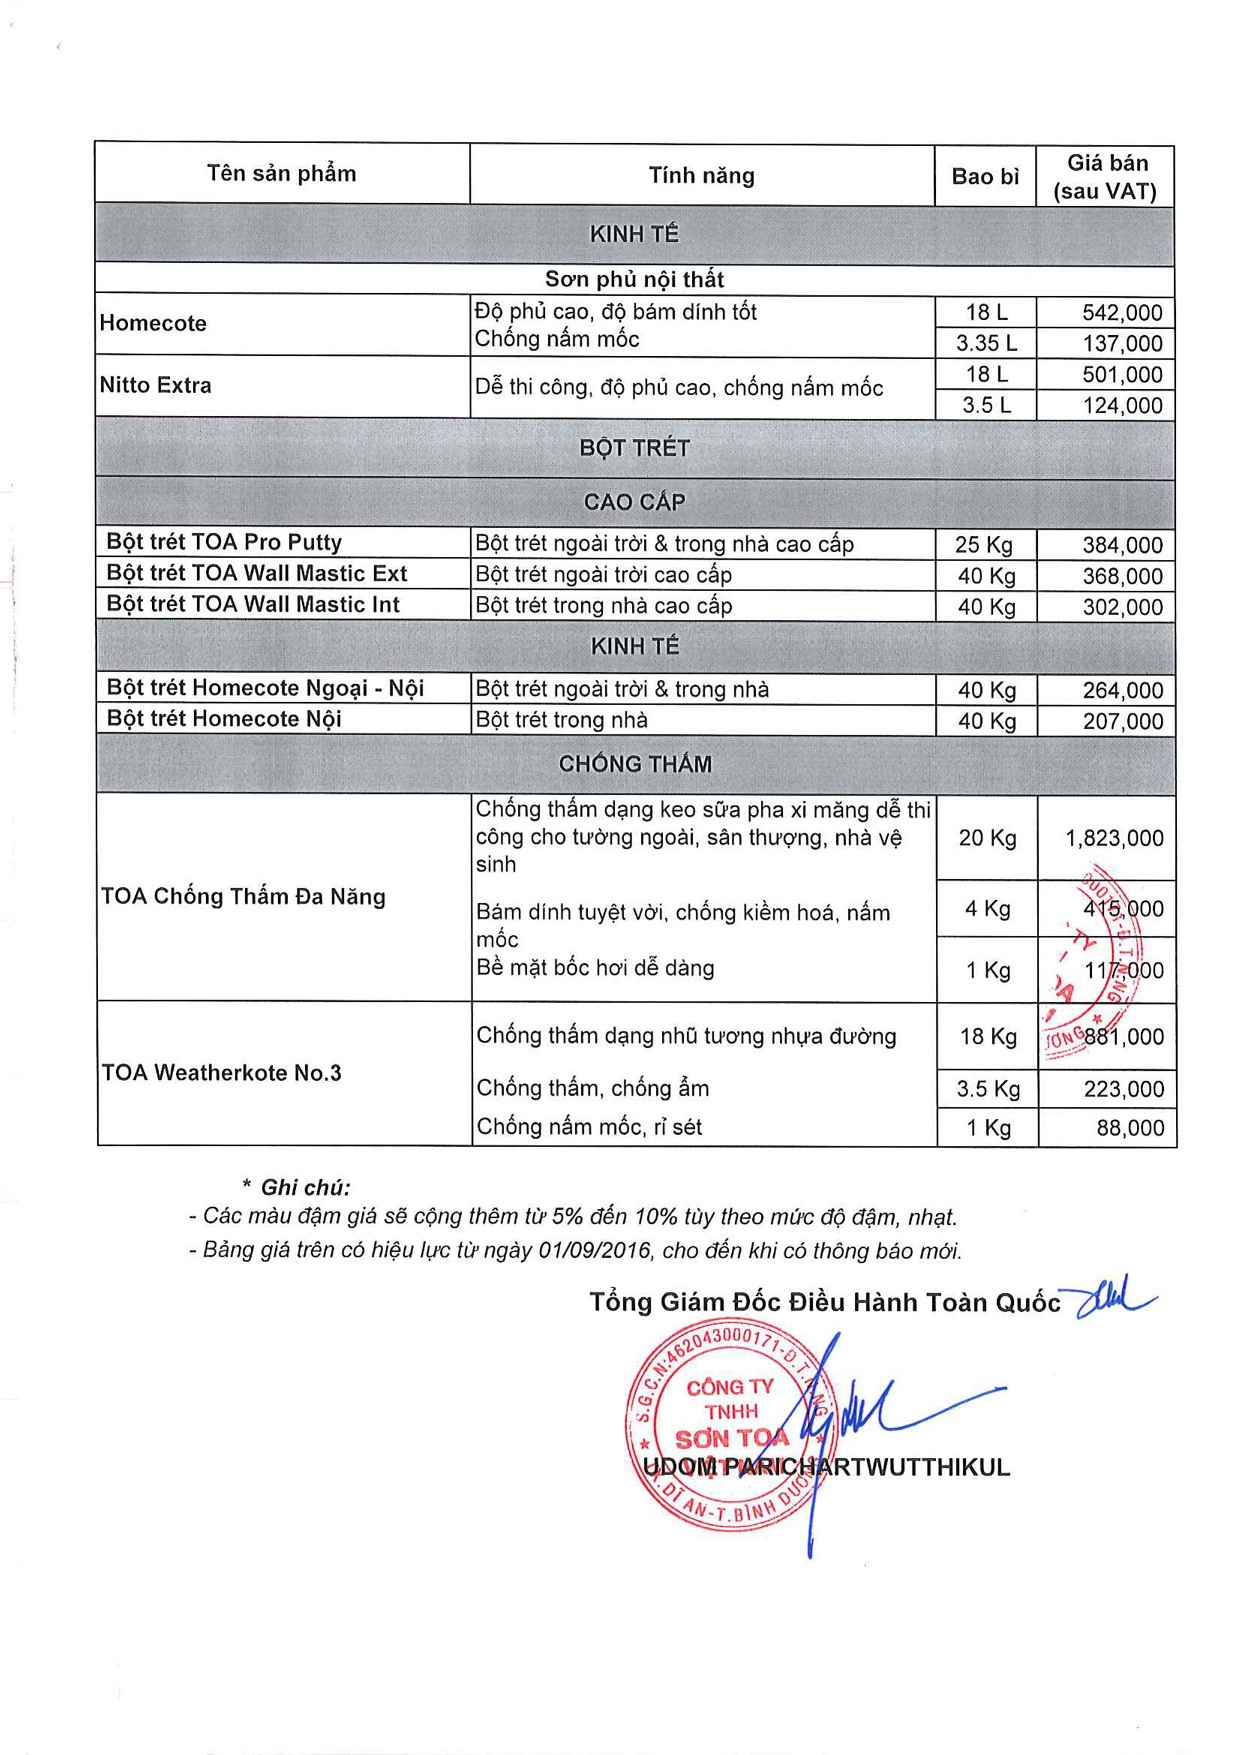 Bảng giá Sơn nước tốt nhất, rẻ nhất hiện nay trên thị trường ( Tphcm ) - 9